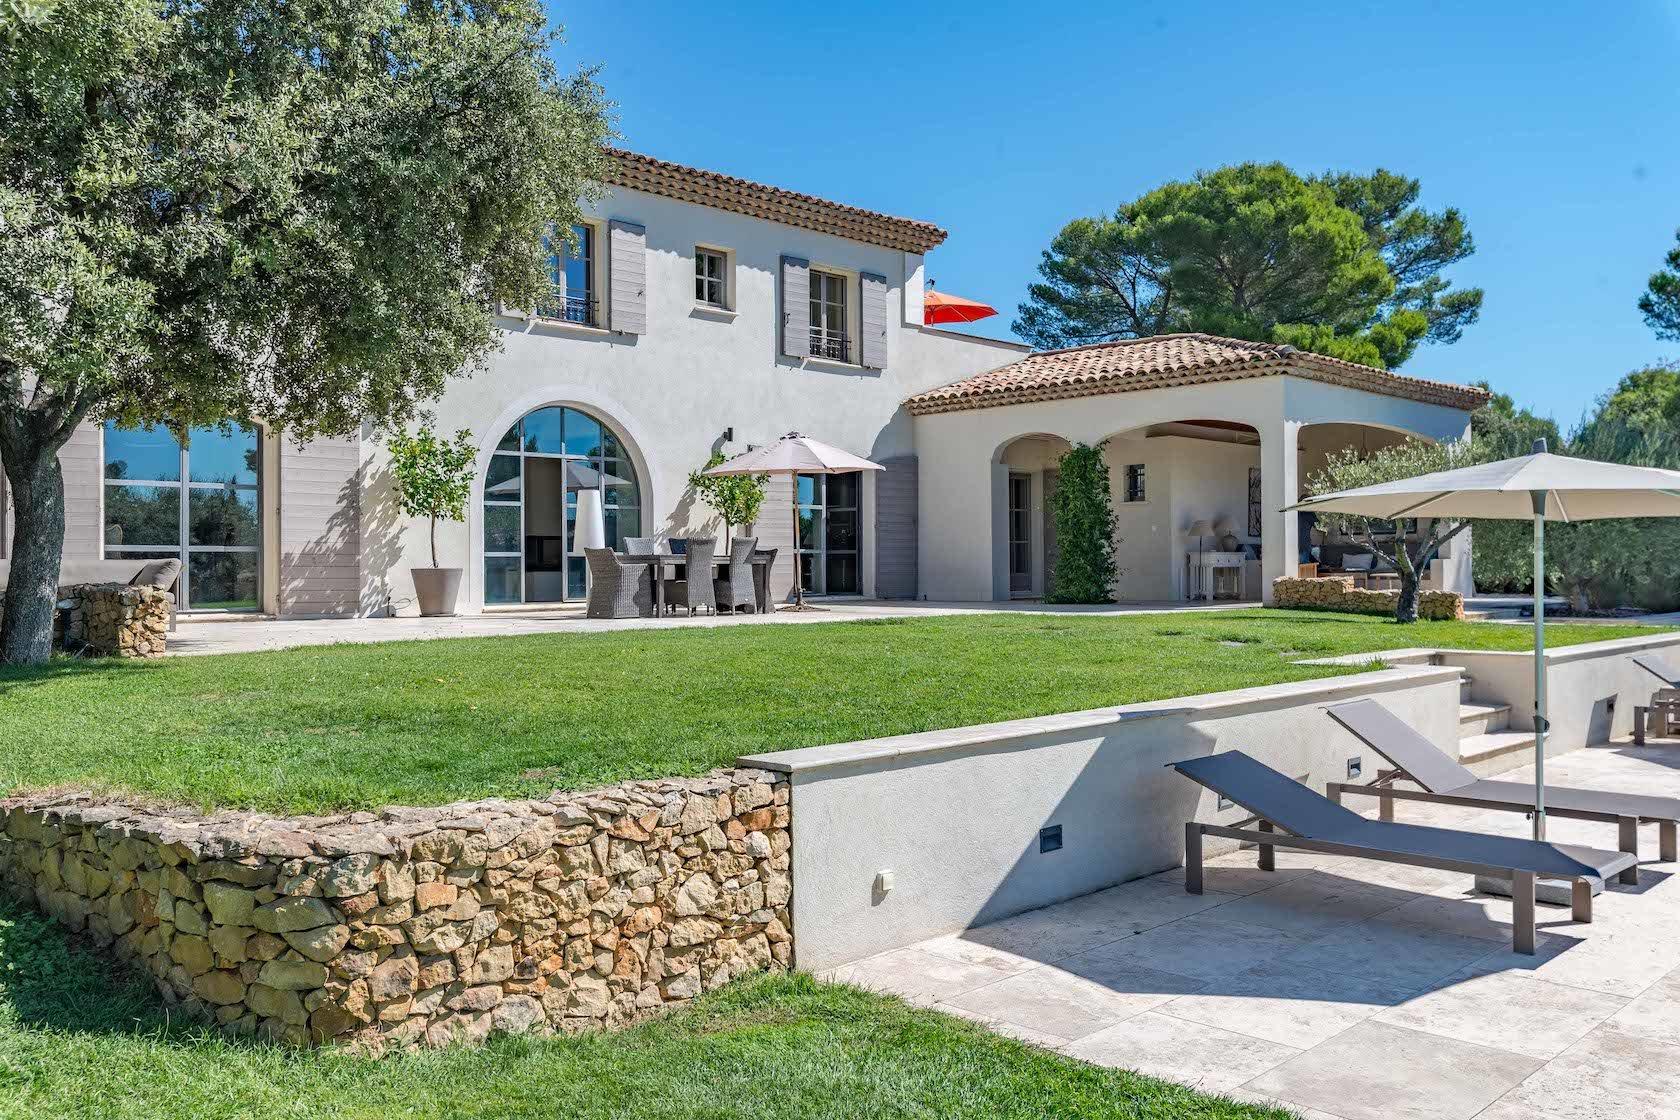 Villas for Sale - A3021916